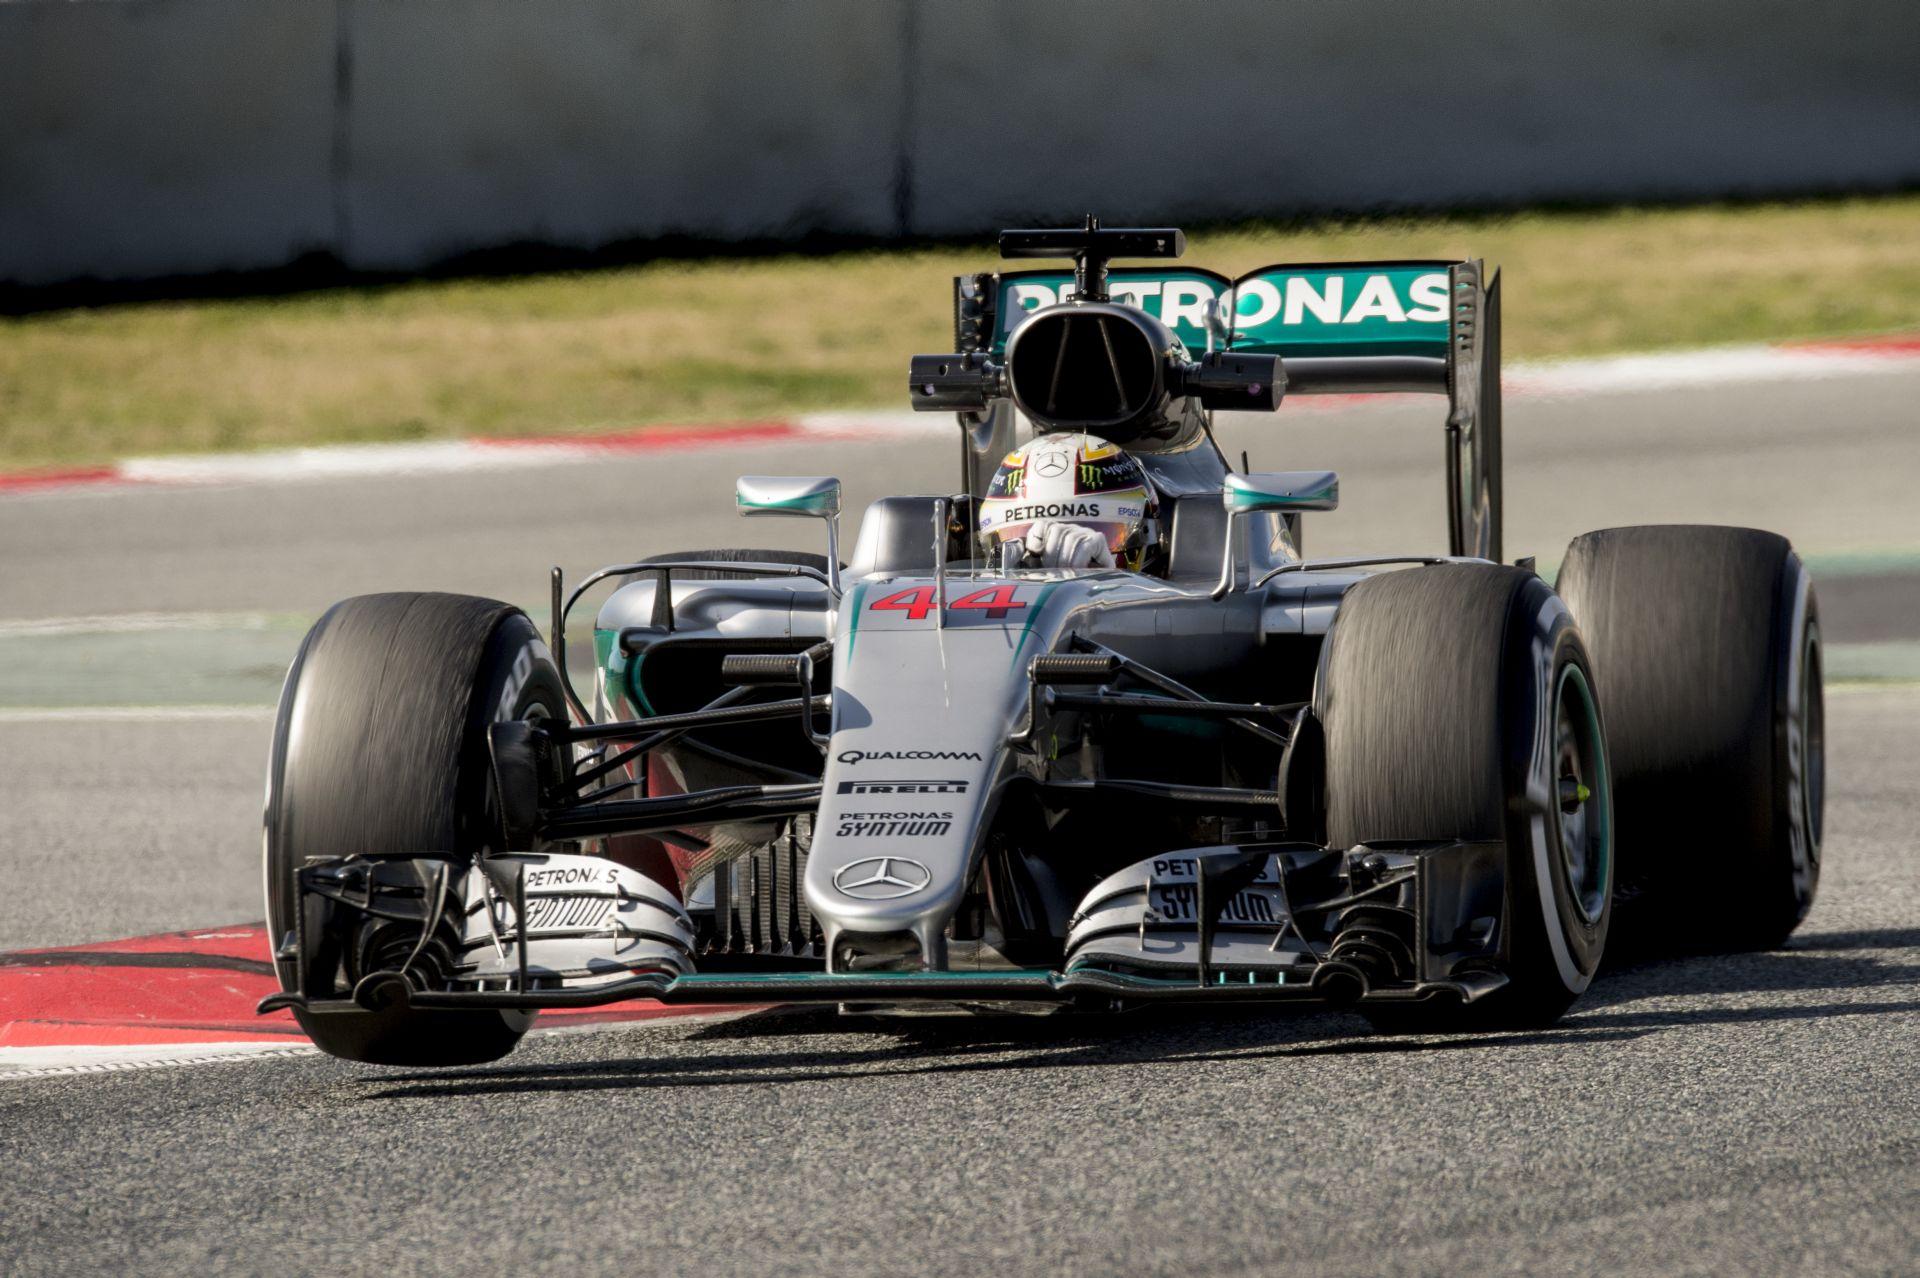 Az egyik legkomolyabb jelenet a téli F1-es tesztről: Vettel szabályosan ráesik Rosbergre